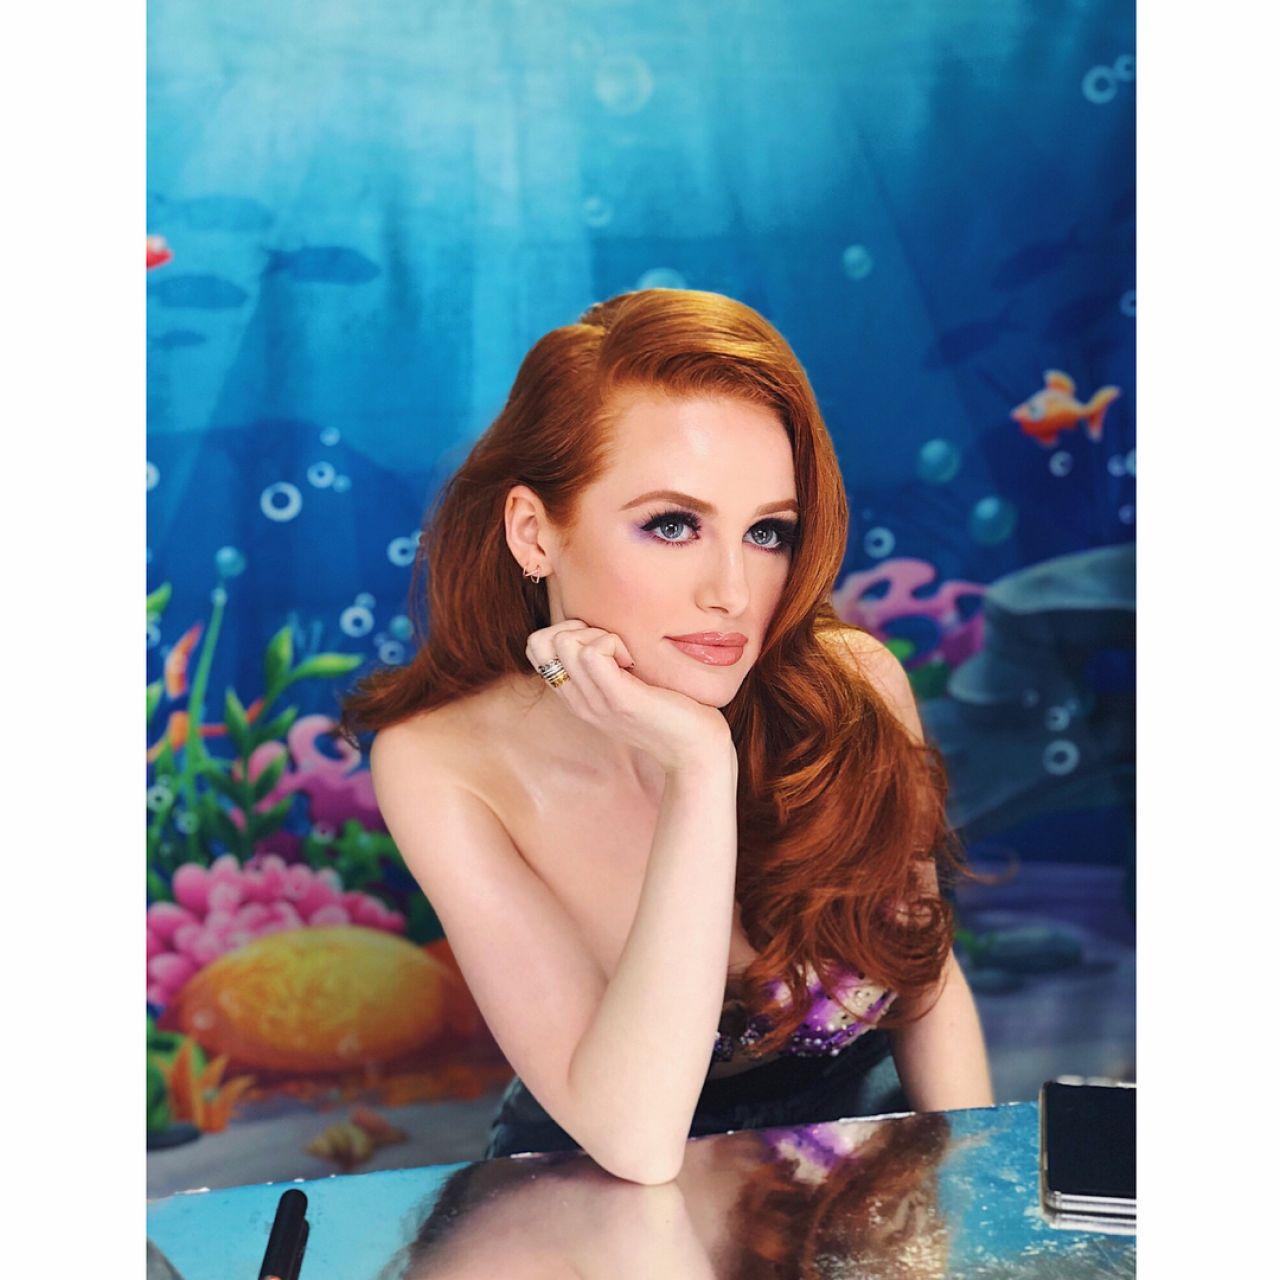 Disney princess makeup tutorials   popsugar beauty uk.